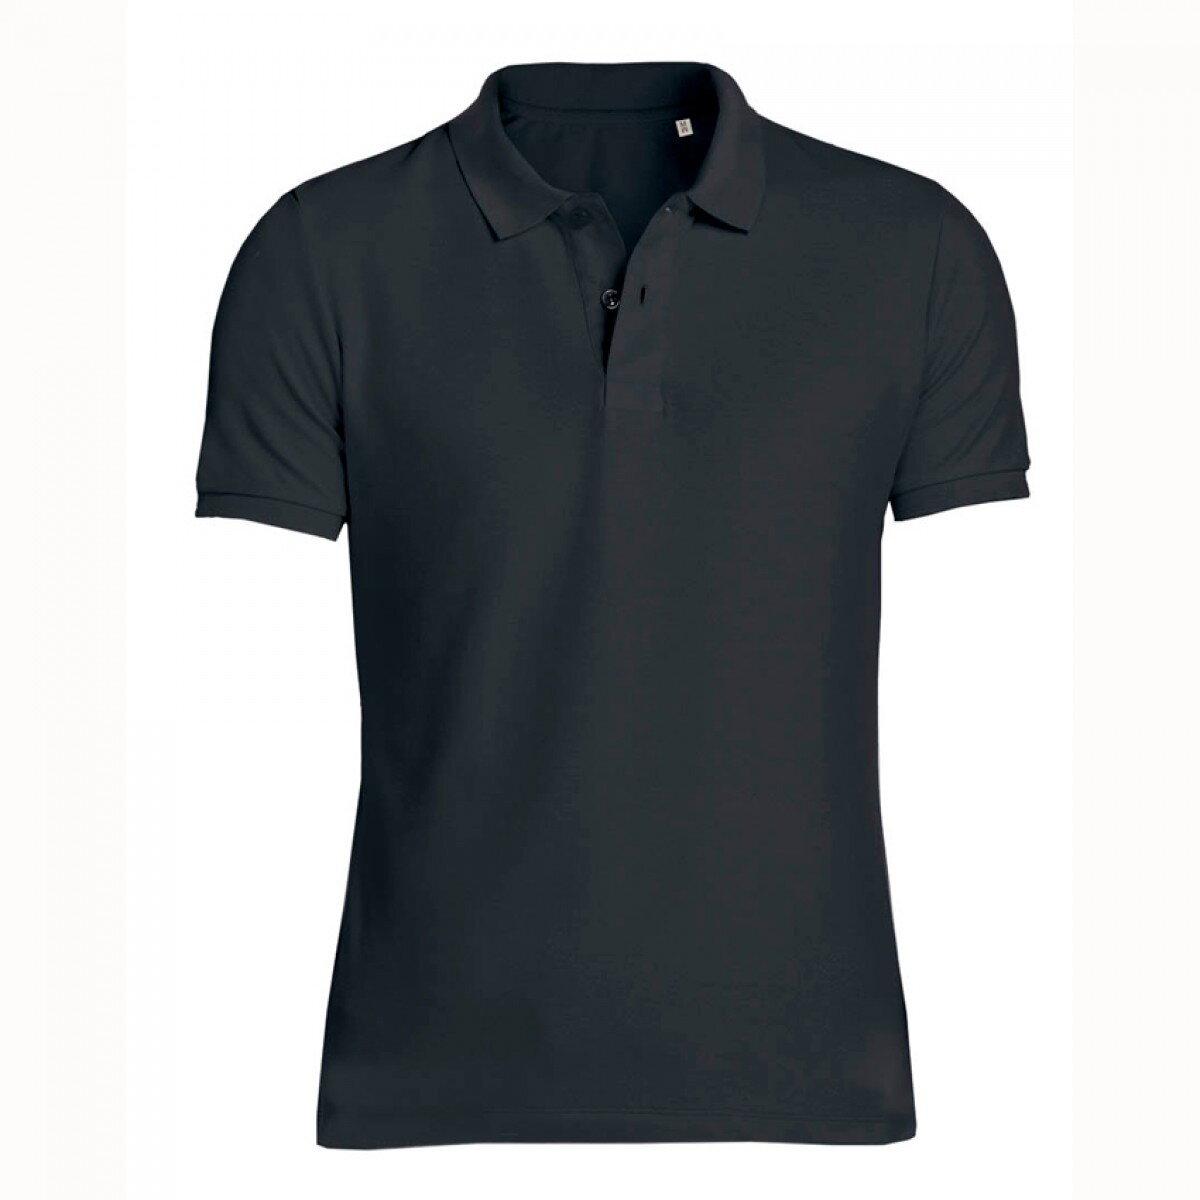 0e1b226202b Černé pánské polo tričko 100% organická bavlna